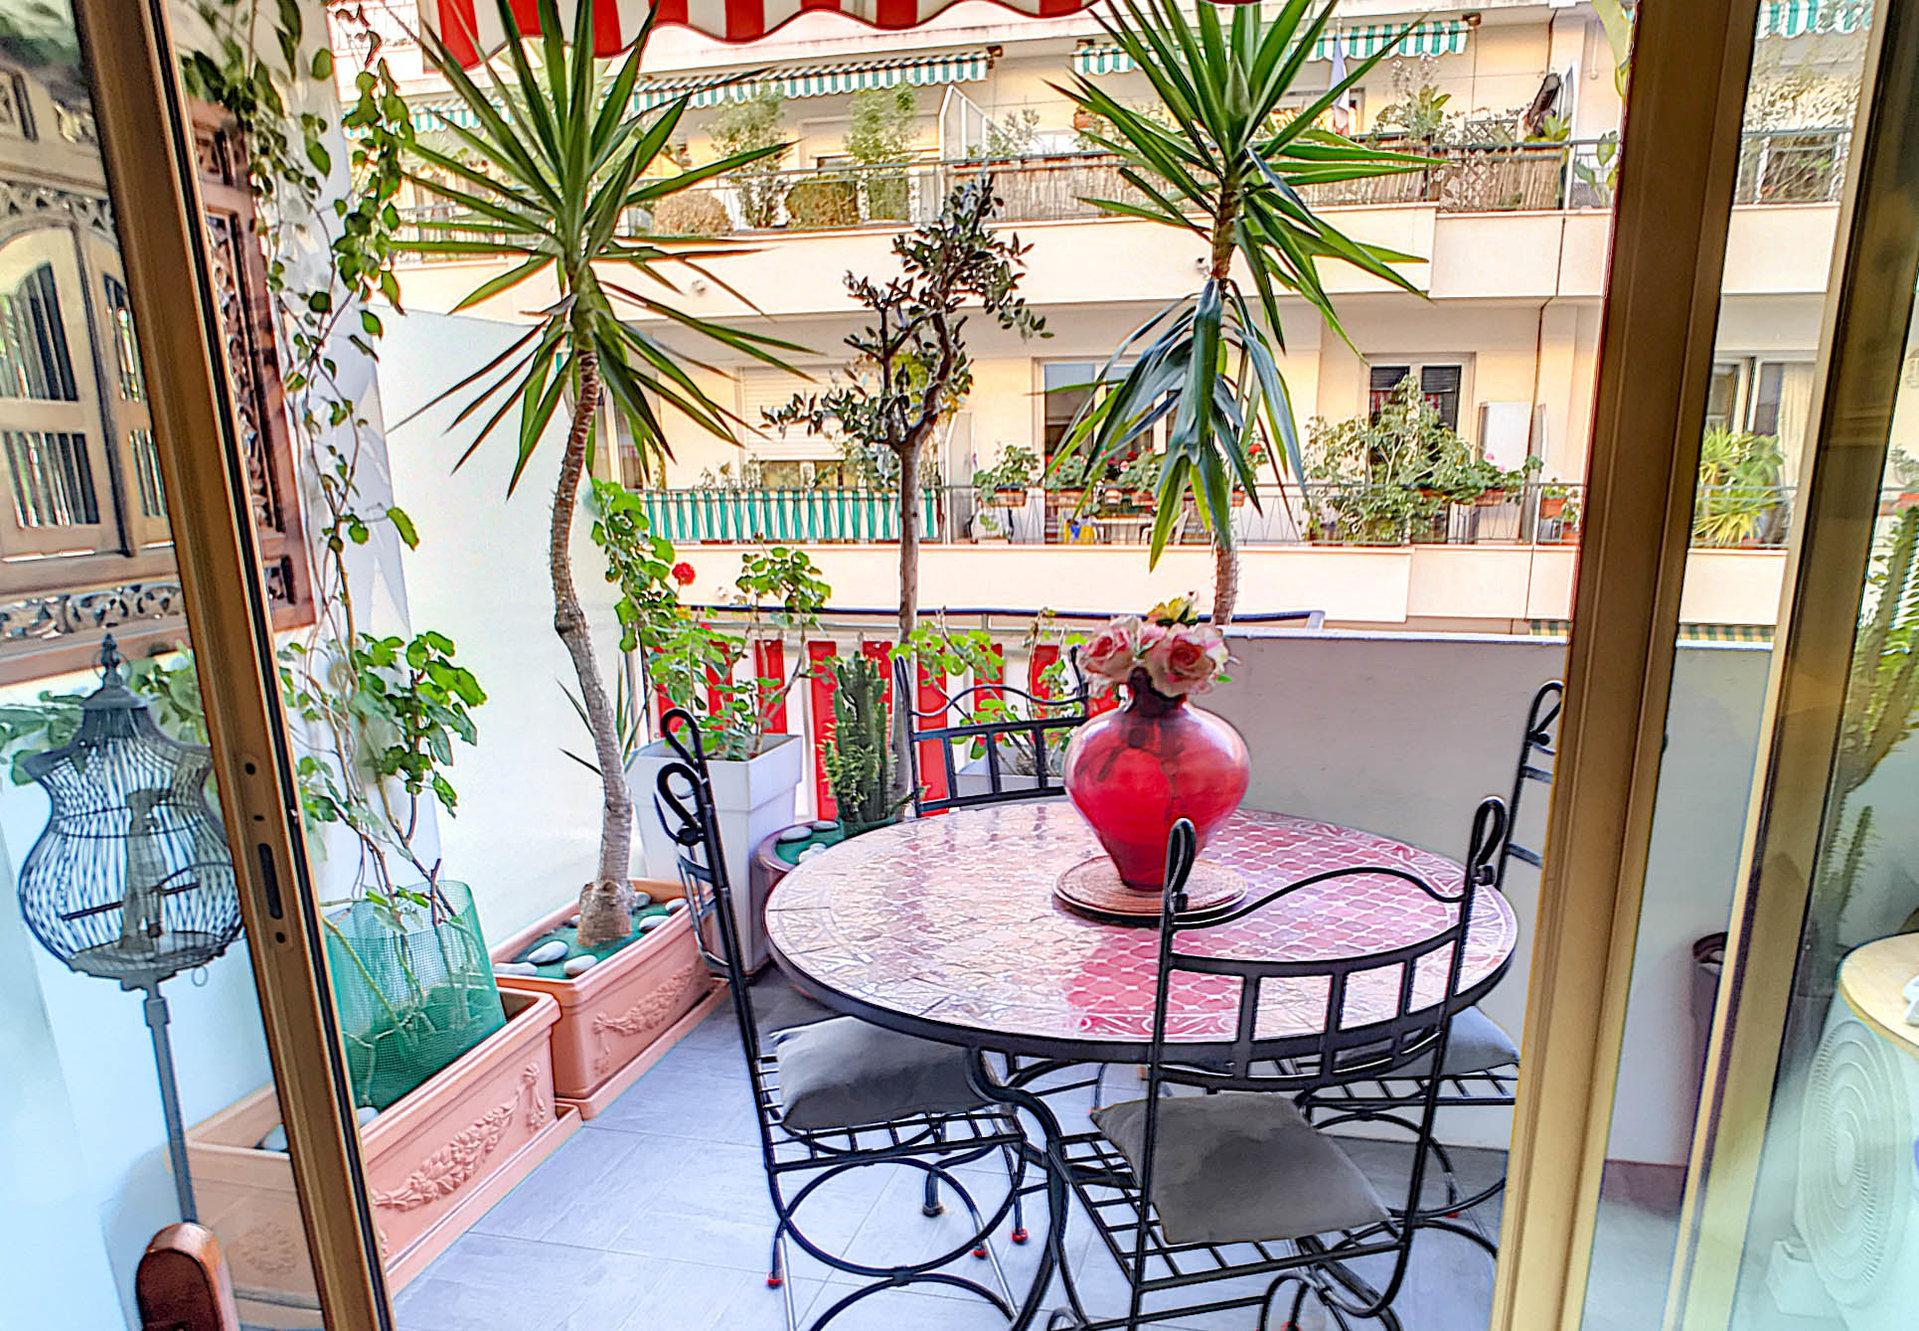 FÖRSÄLJNING Lägenhet 3 Rum 72m2 Nice Fleurs Terrass Lugnt Exeptionell!